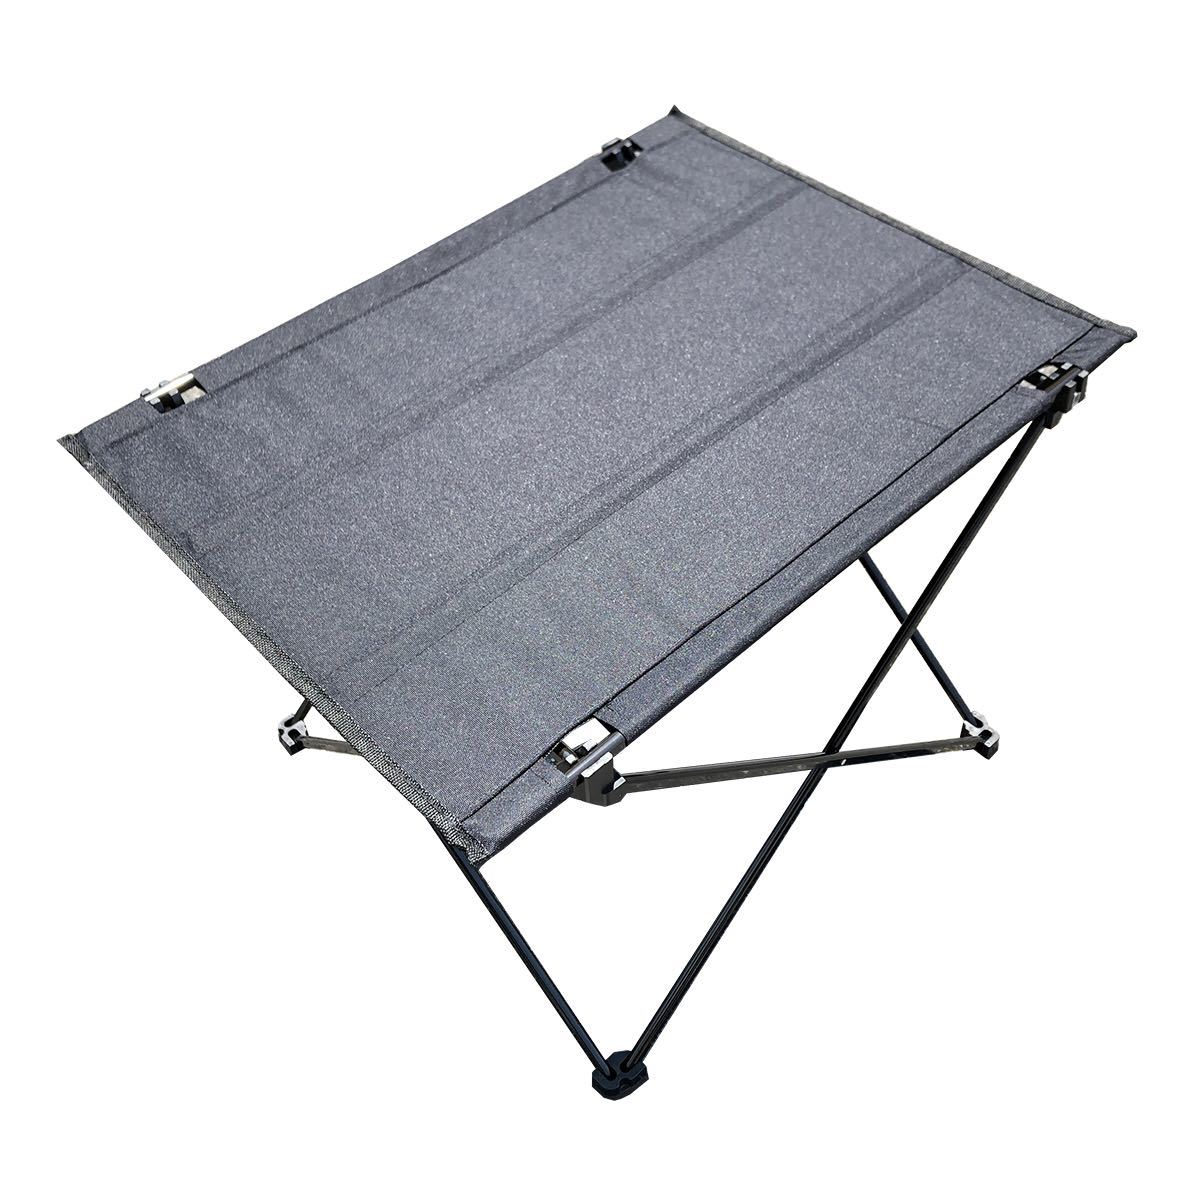 アウトドア テーブル アルミテーブル 折りたたみ 軽量 防水 専用ケース付き